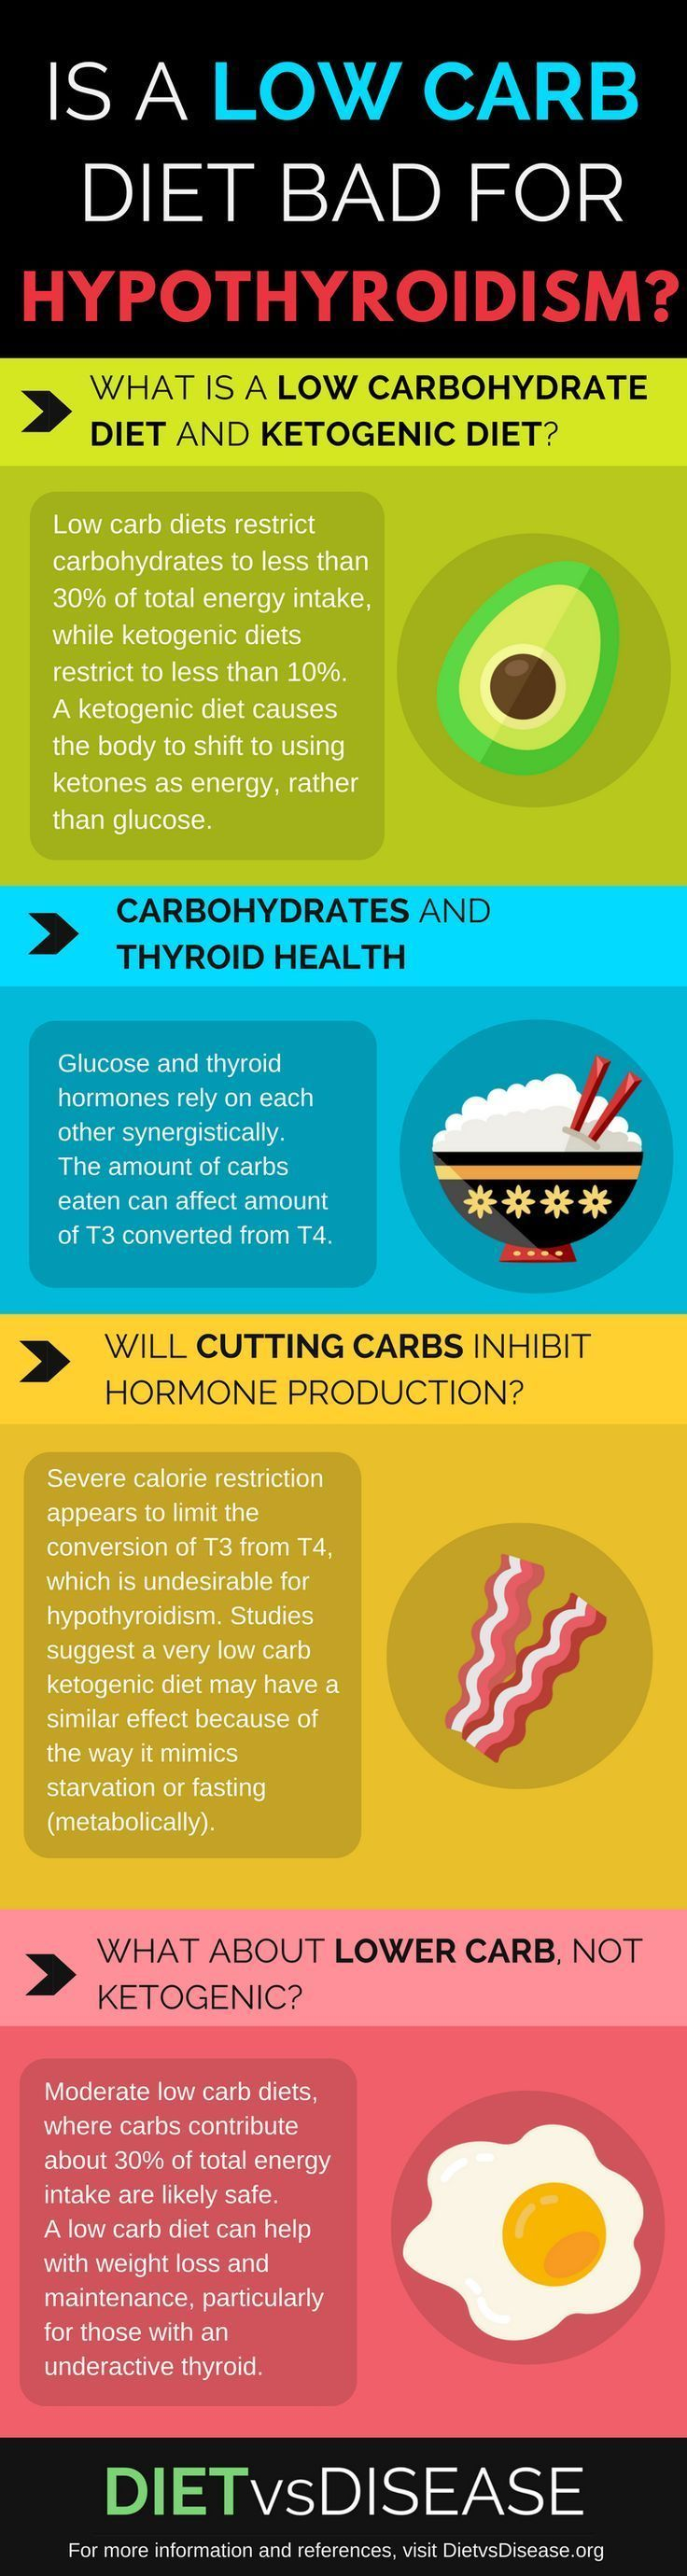 hypothyroidism low carb diet